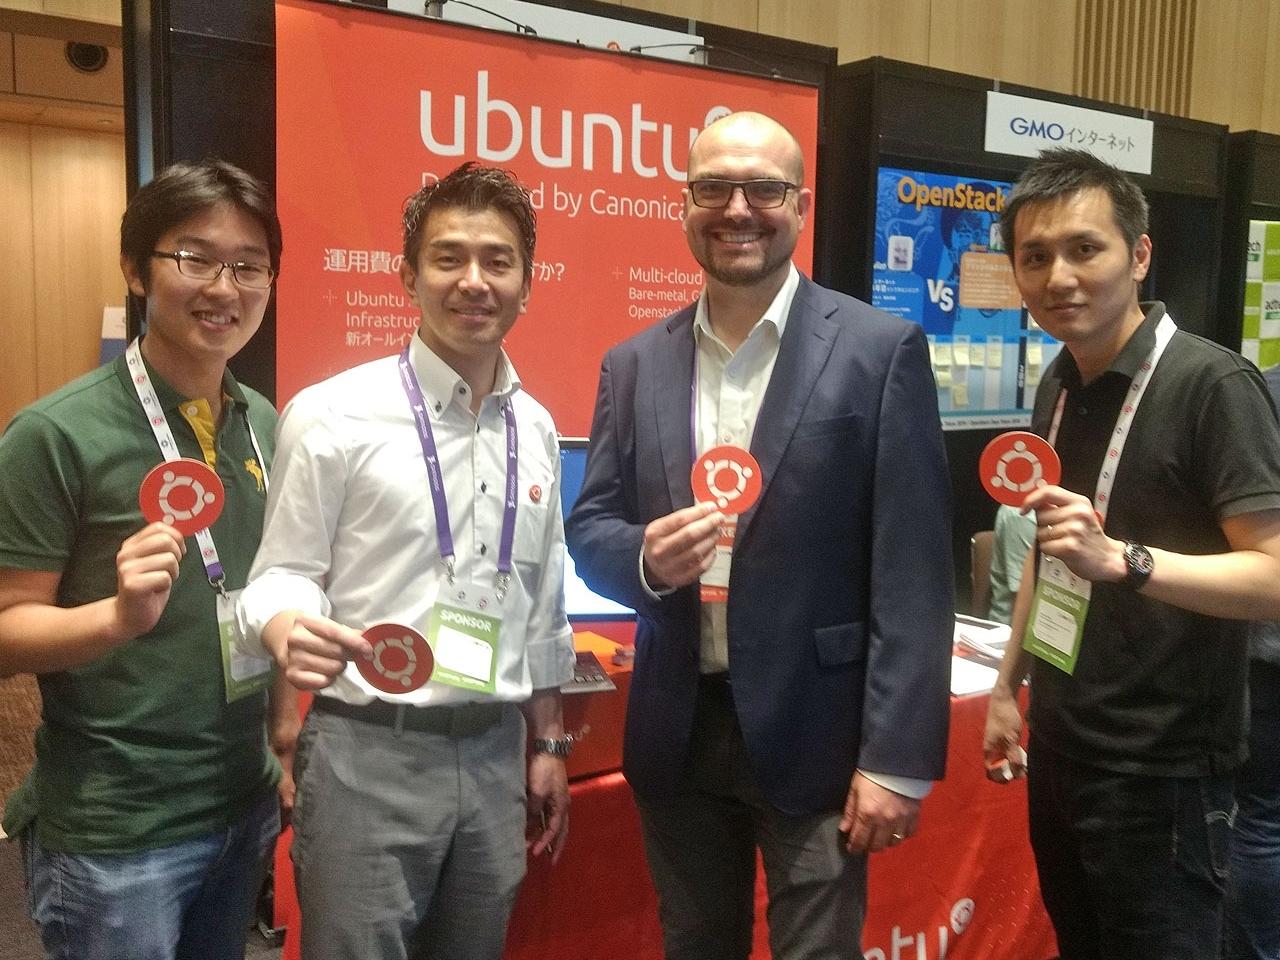 クラウド化やIoT化が進む日本市場にUbuntuを広げる--Canonical